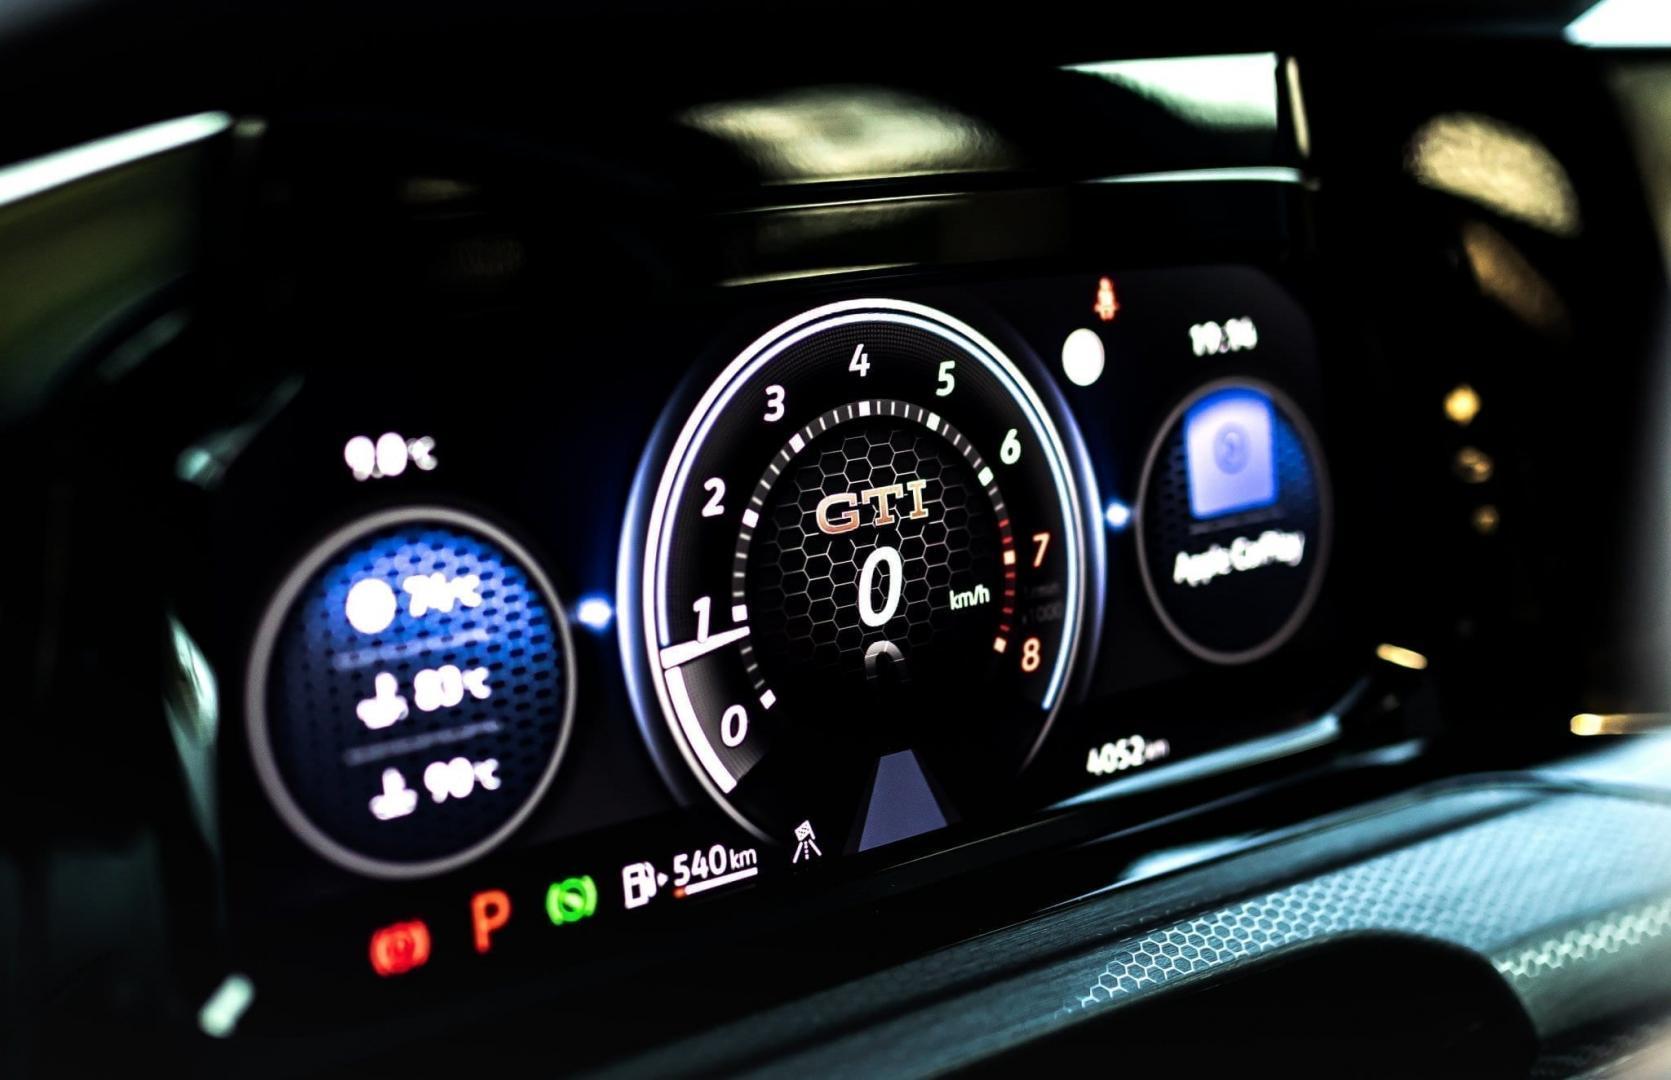 Duitse auto's is teruggedraaid Manhart Volkswagen Golf GTI 290